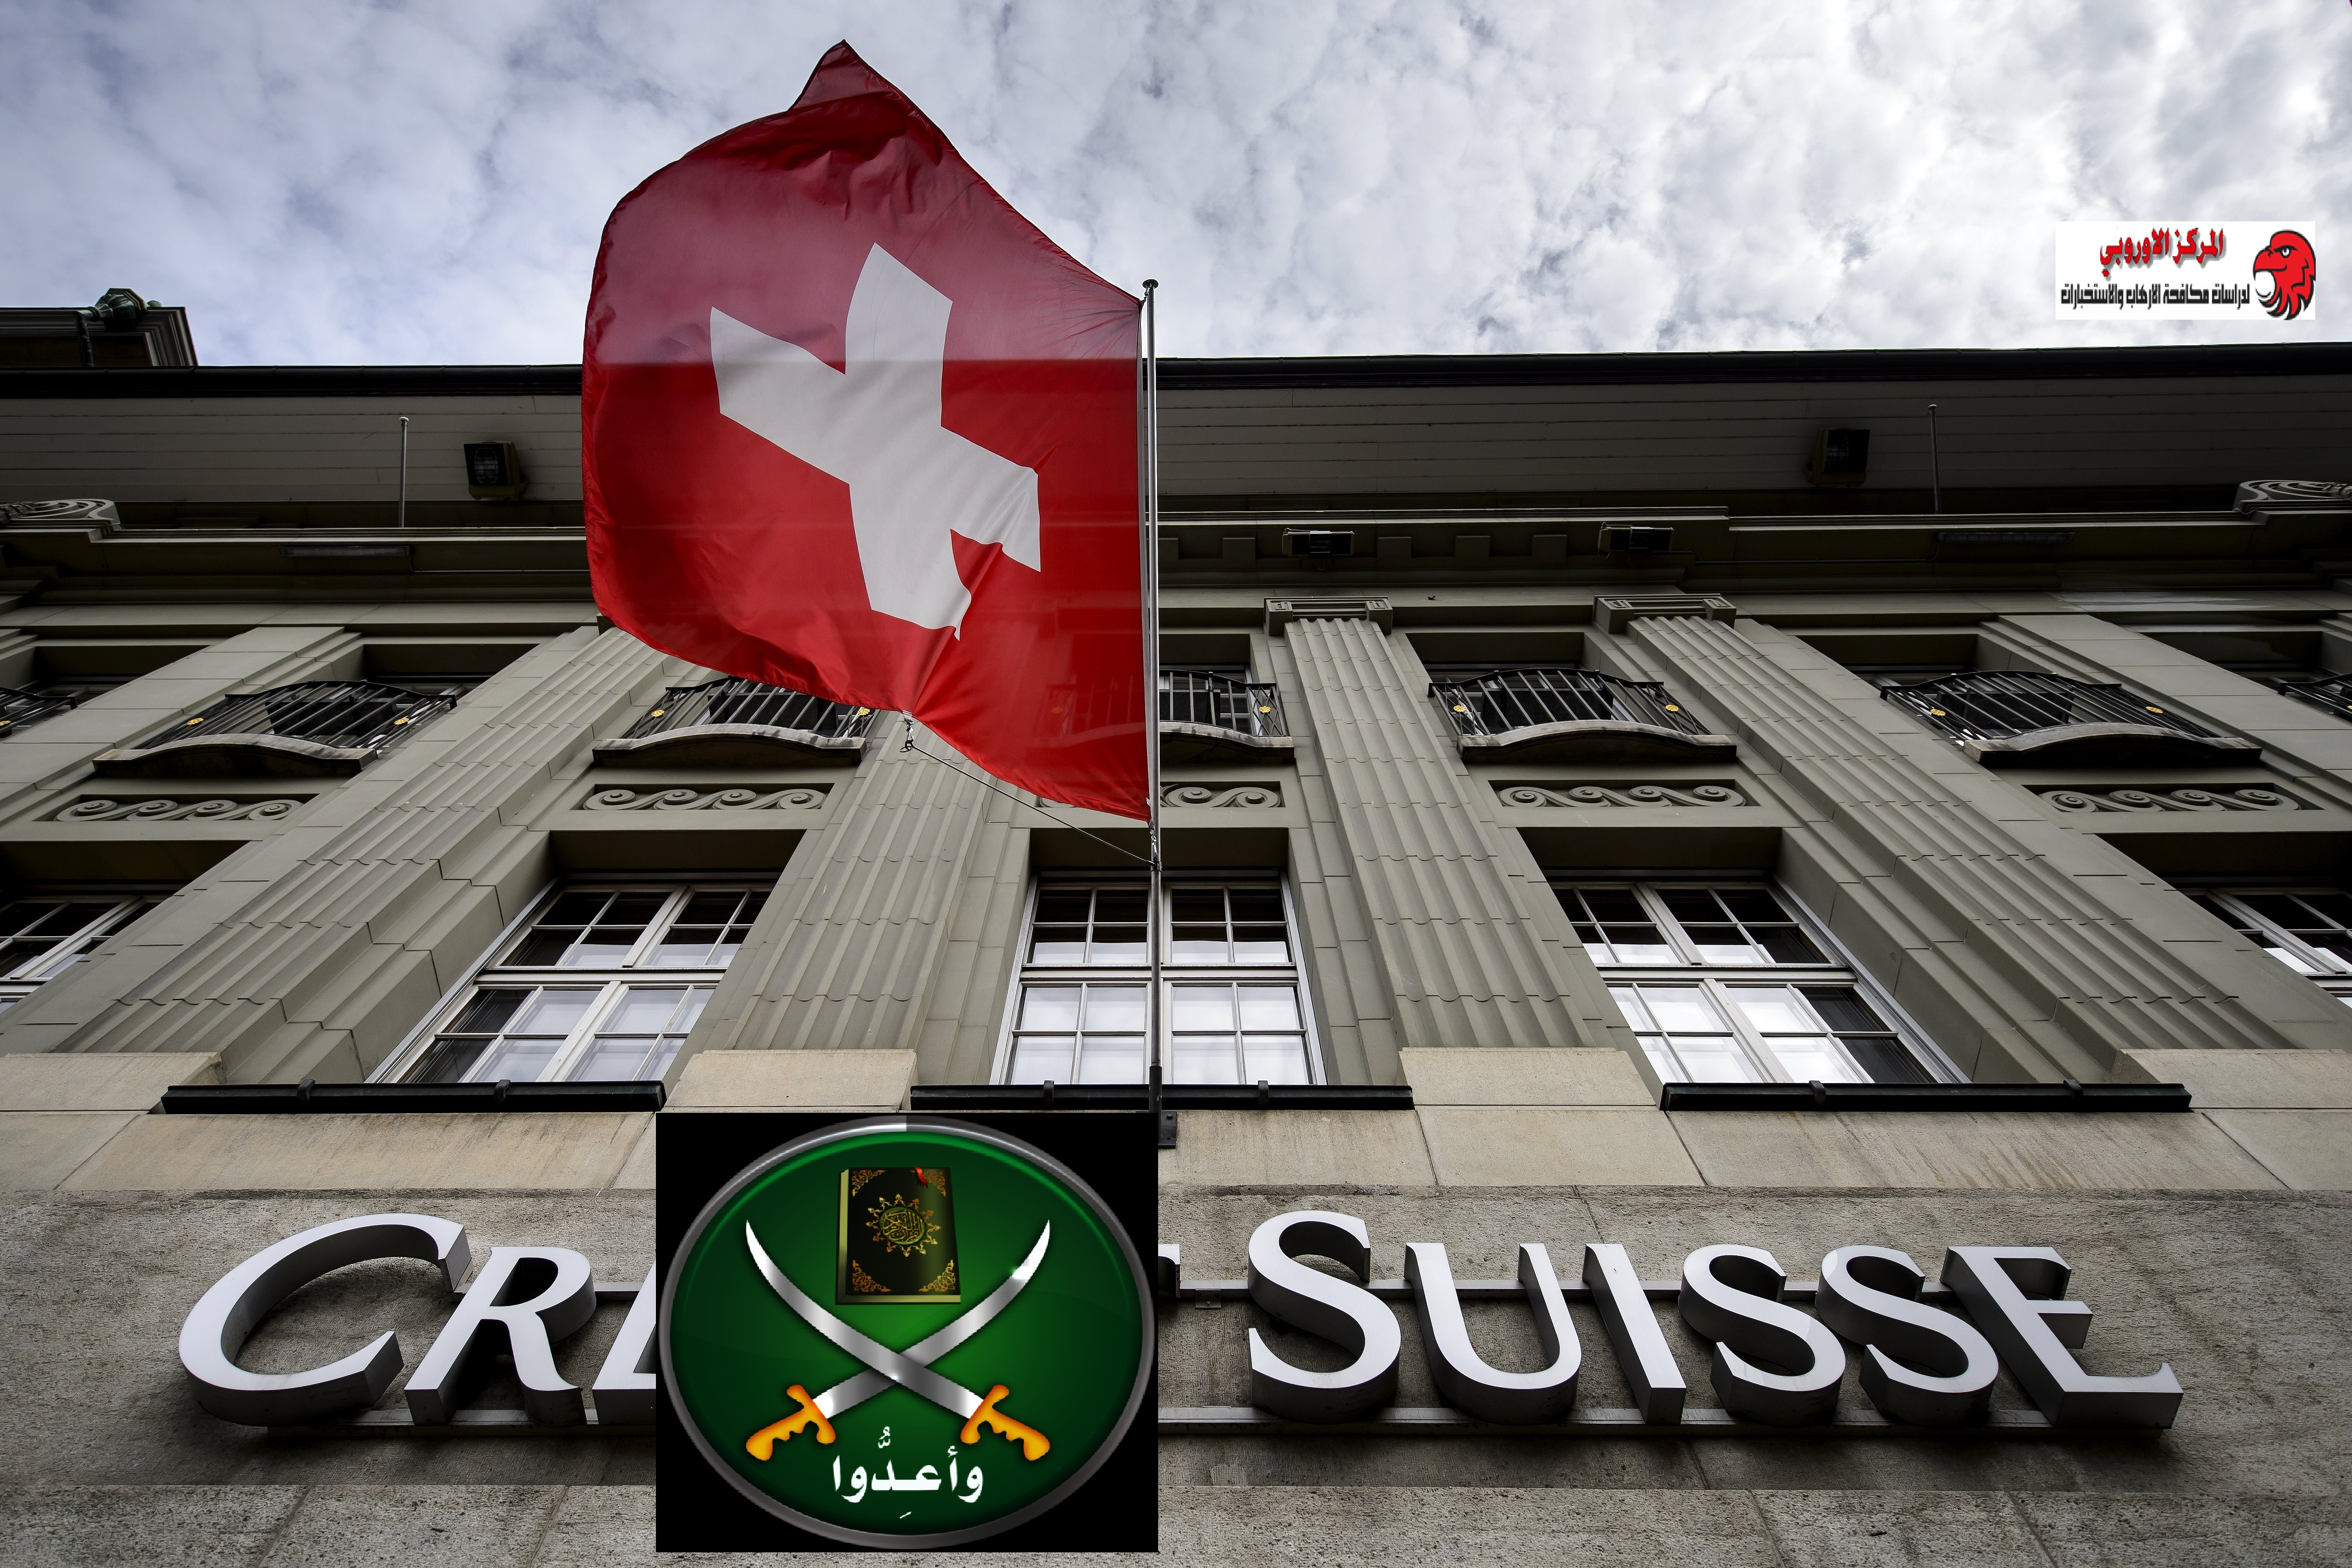 بالتفاصيل قائمة مراكز جماعة الإخوان المسلمين وانشطتها في سويسرا